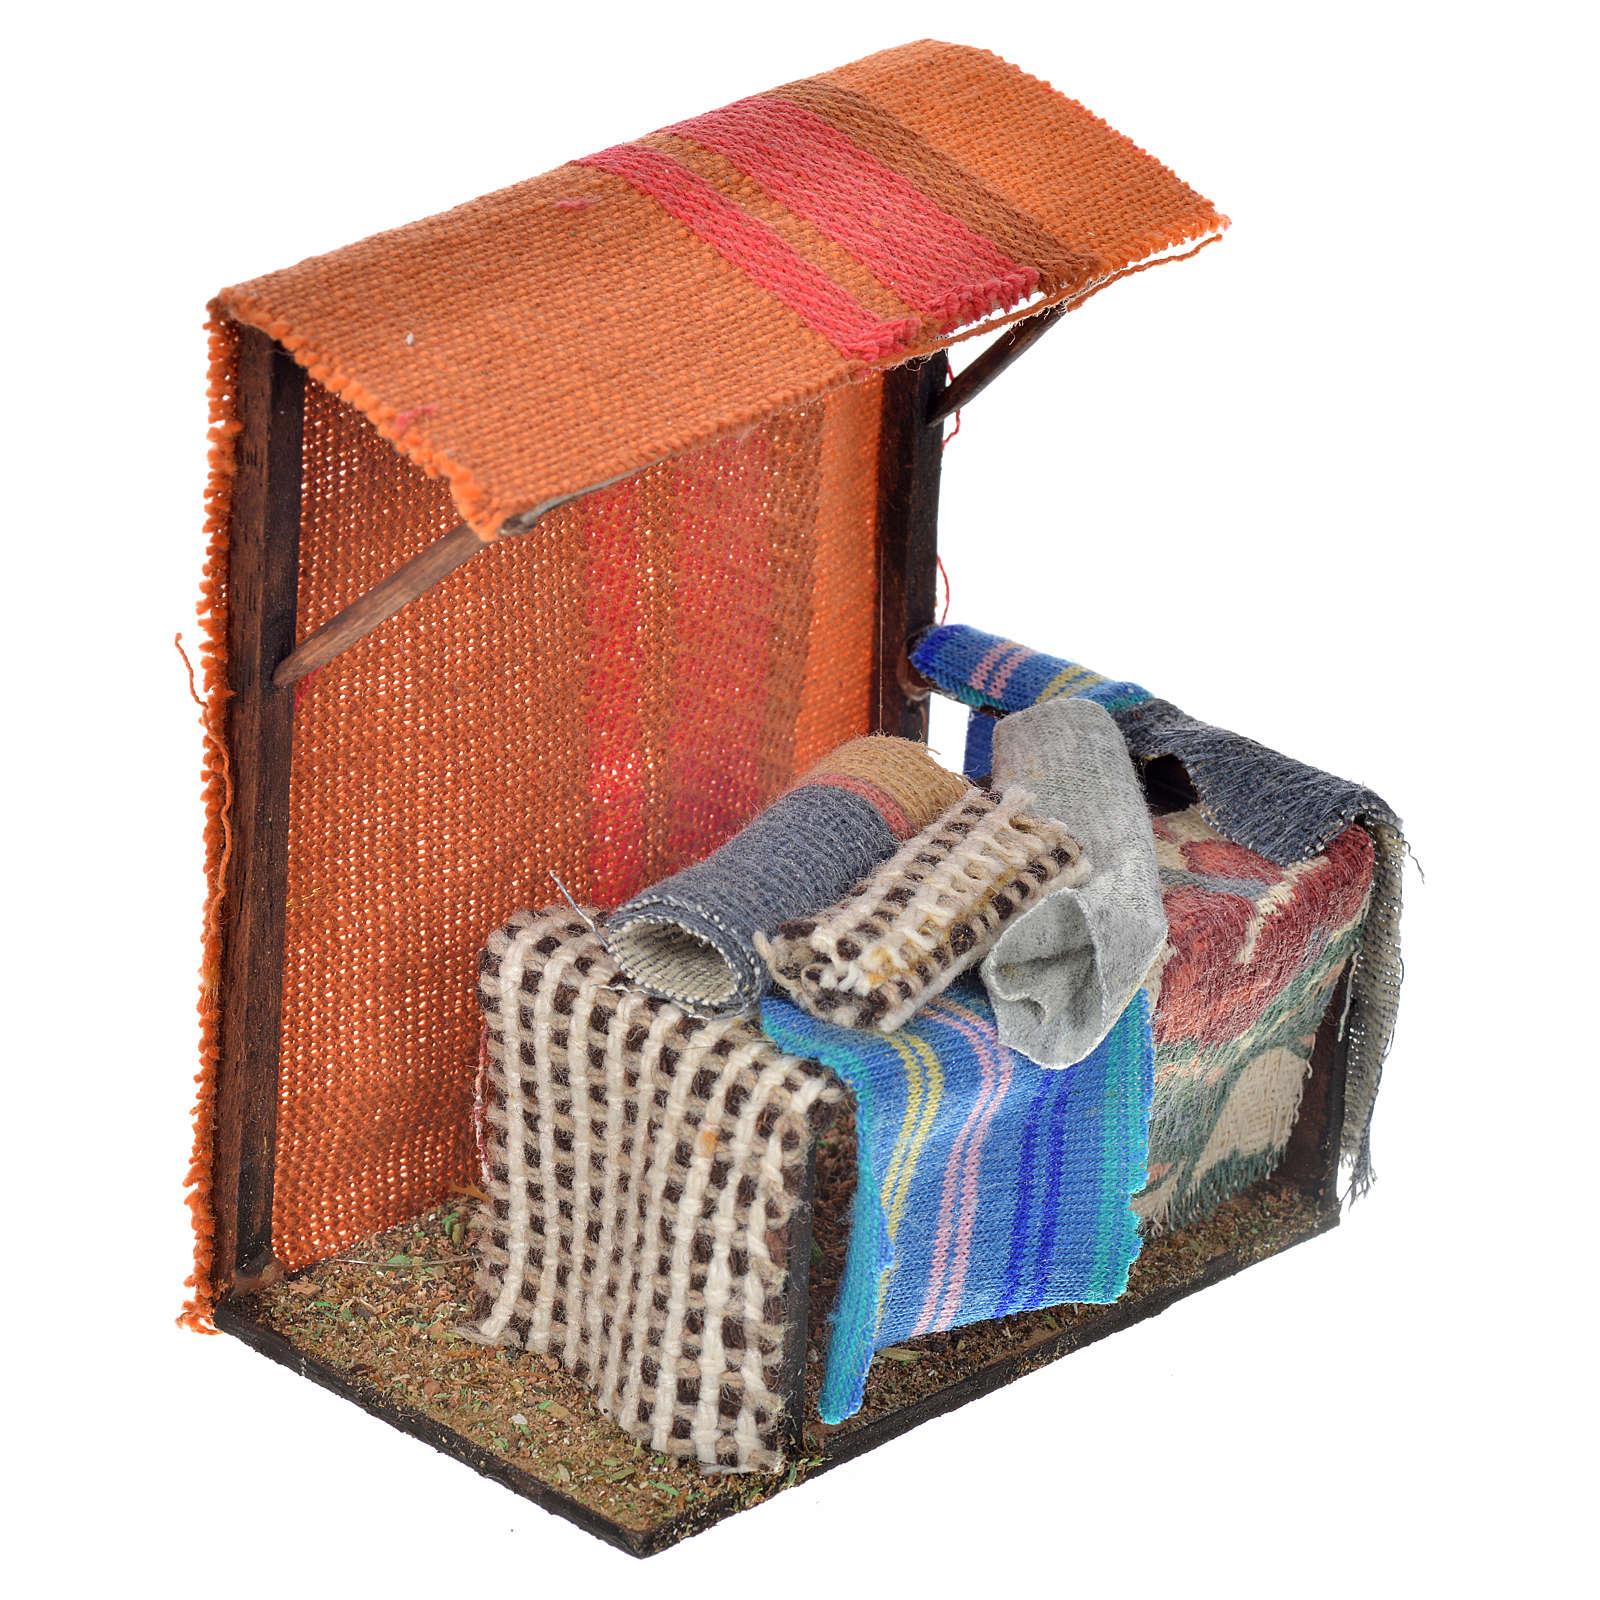 Banco tappeti 10x10x7 presepe napoletano 4